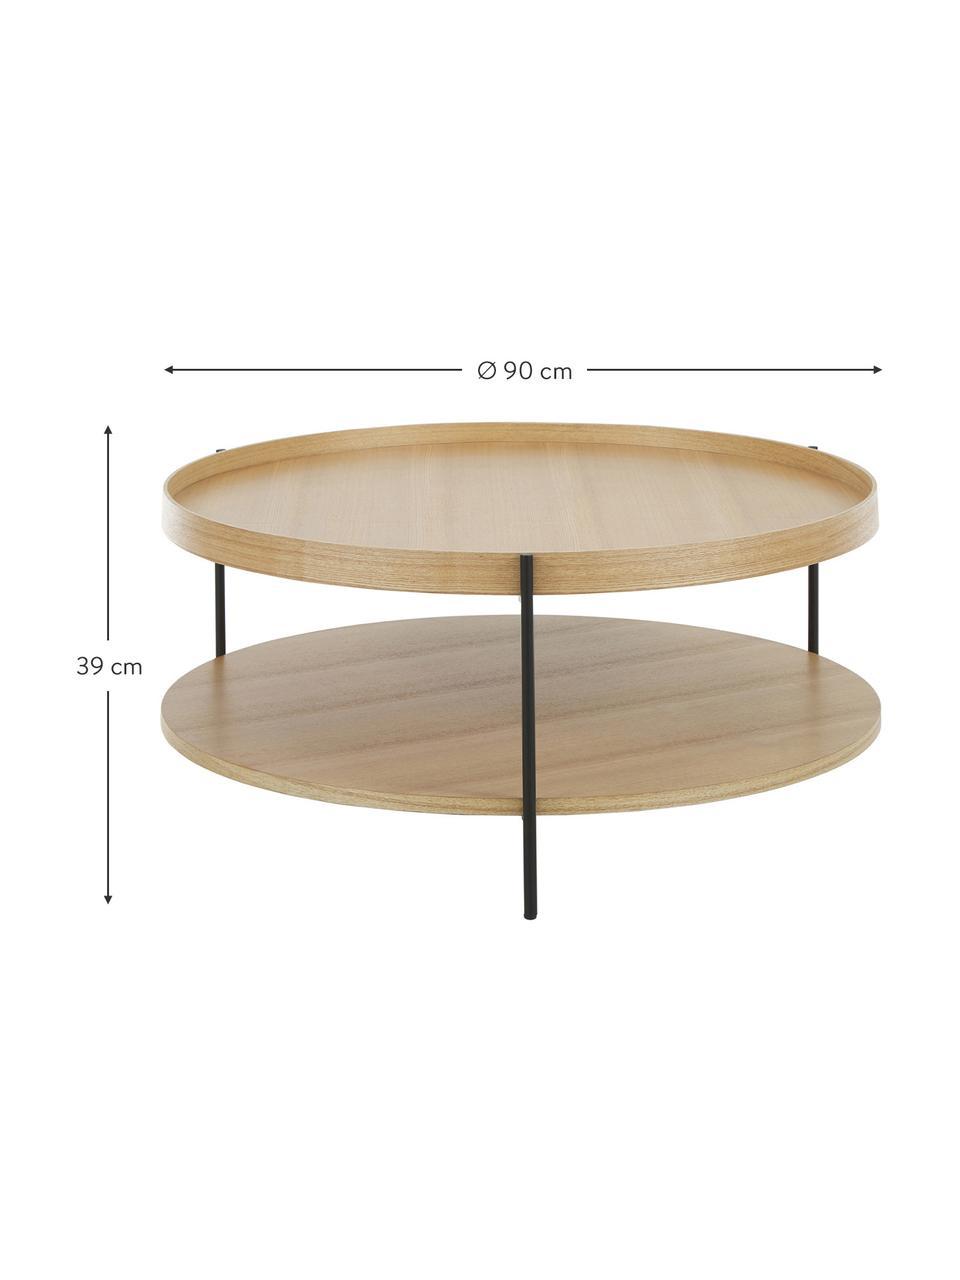 Grote salontafel Renee met opbergvak, Frame: gepoedercoat metaal, Tafelbladen: eikenhoutkleurig. Frame: mat zwart, Ø 90 x H 39 cm